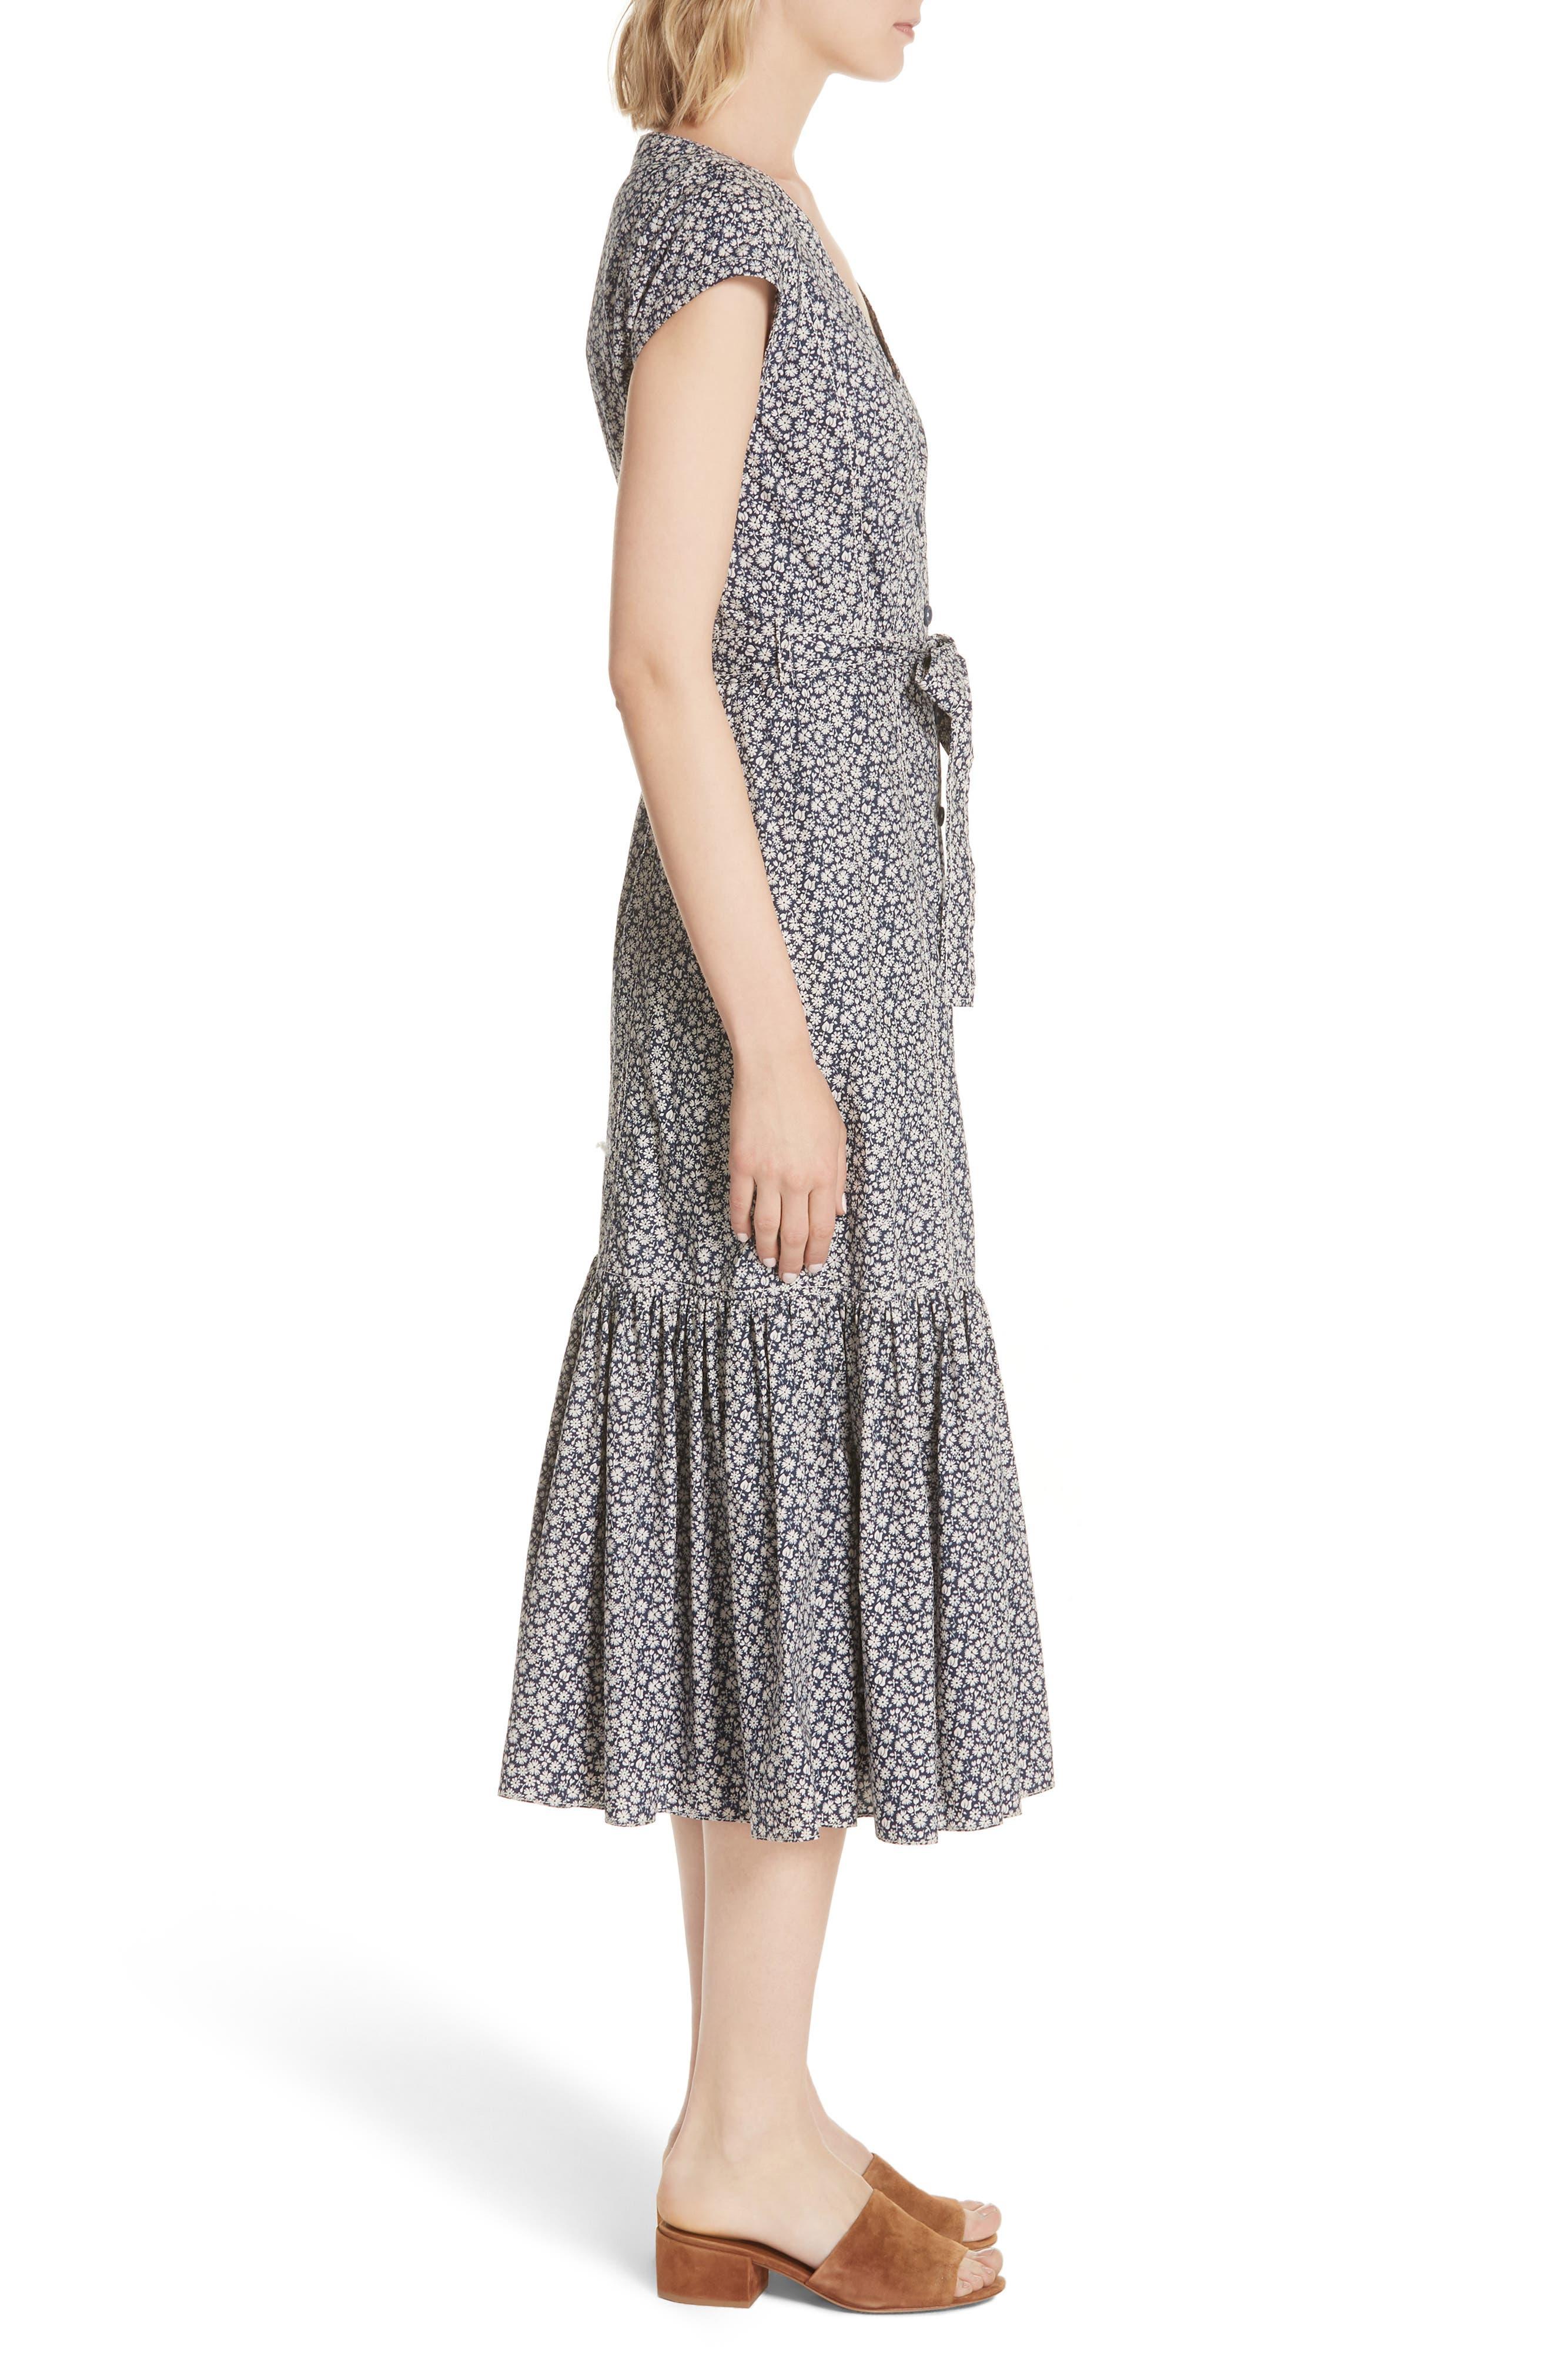 Lauren Tie Front Floral Cotton Dress,                             Alternate thumbnail 3, color,                             450